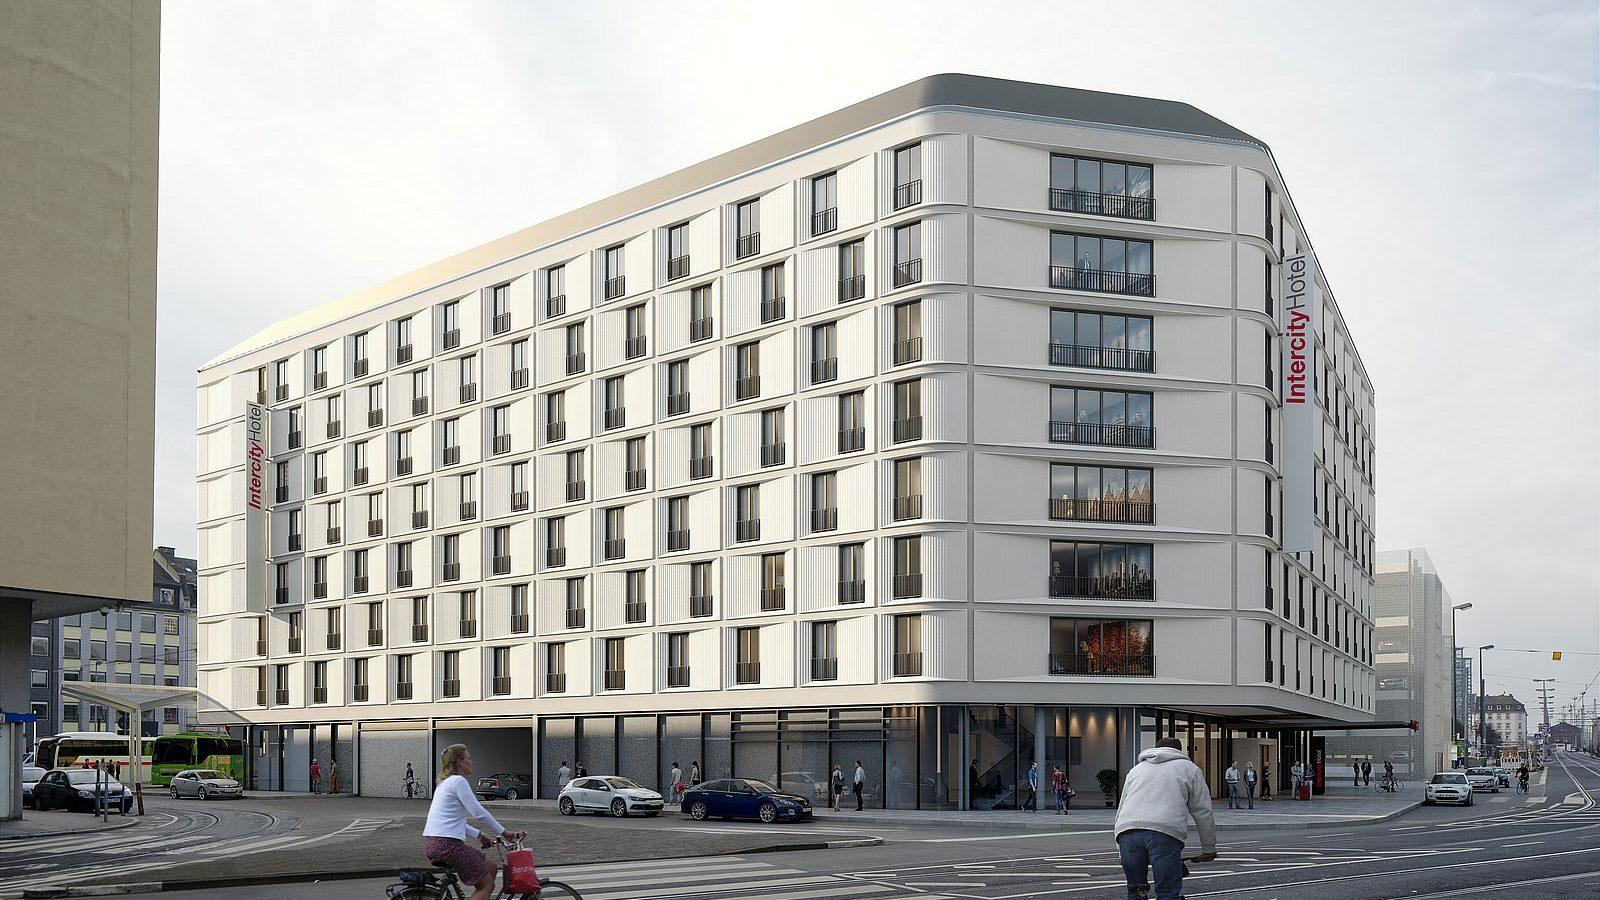 Hotel am Hauptbahnhof Frankfurt am Main. copyright: Schneider + Schumacher